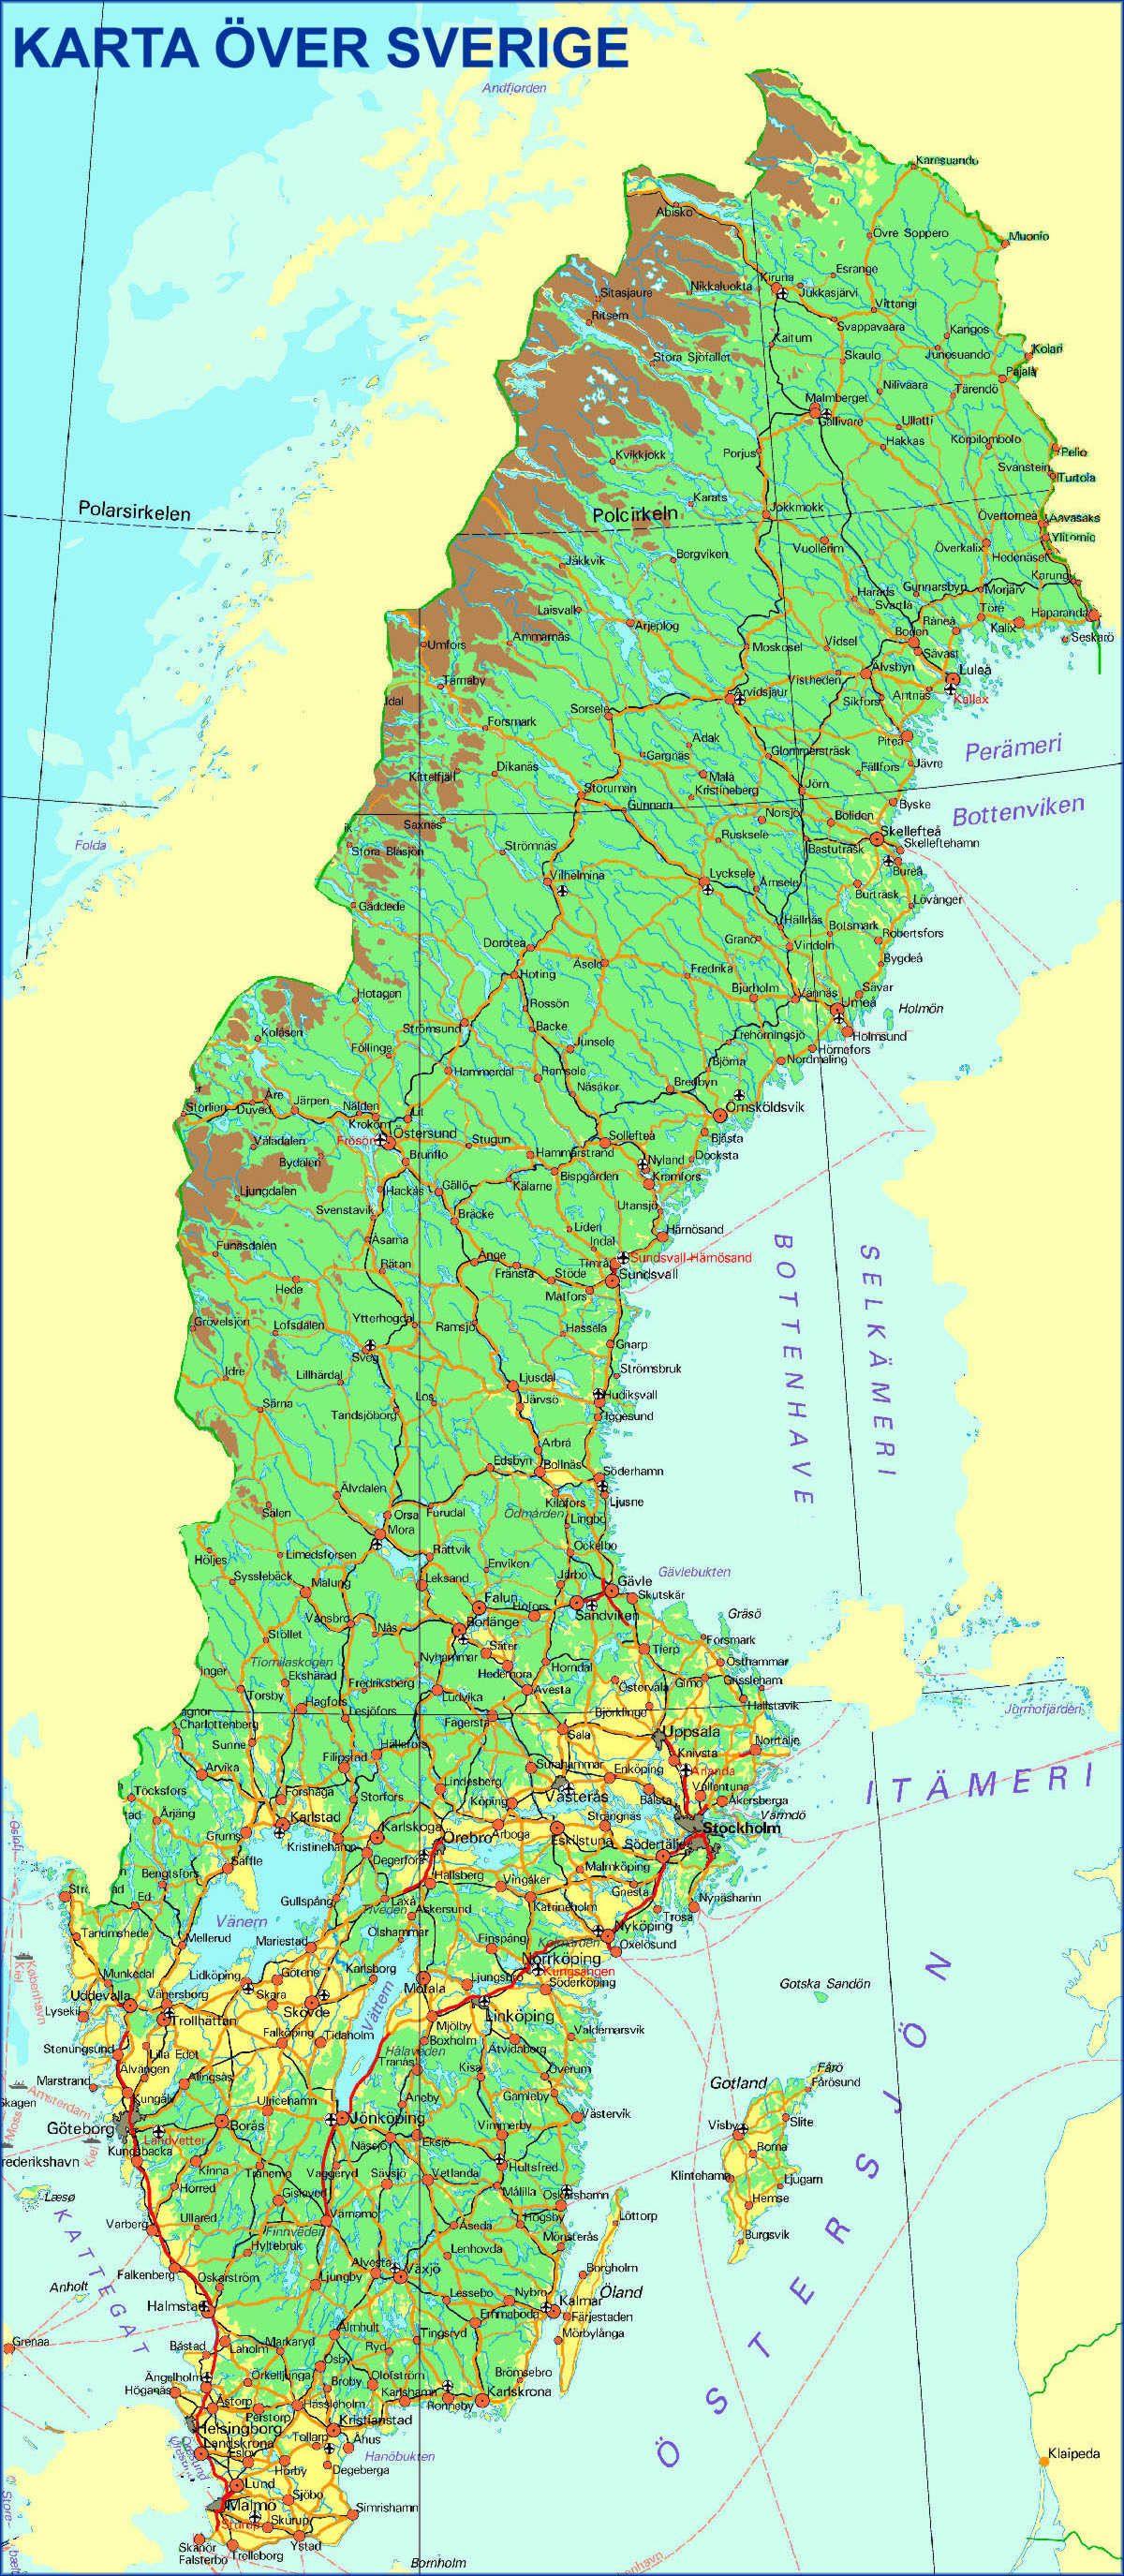 karta på sverige Sverige karta | Maps of Sweden | Pinterest karta på sverige